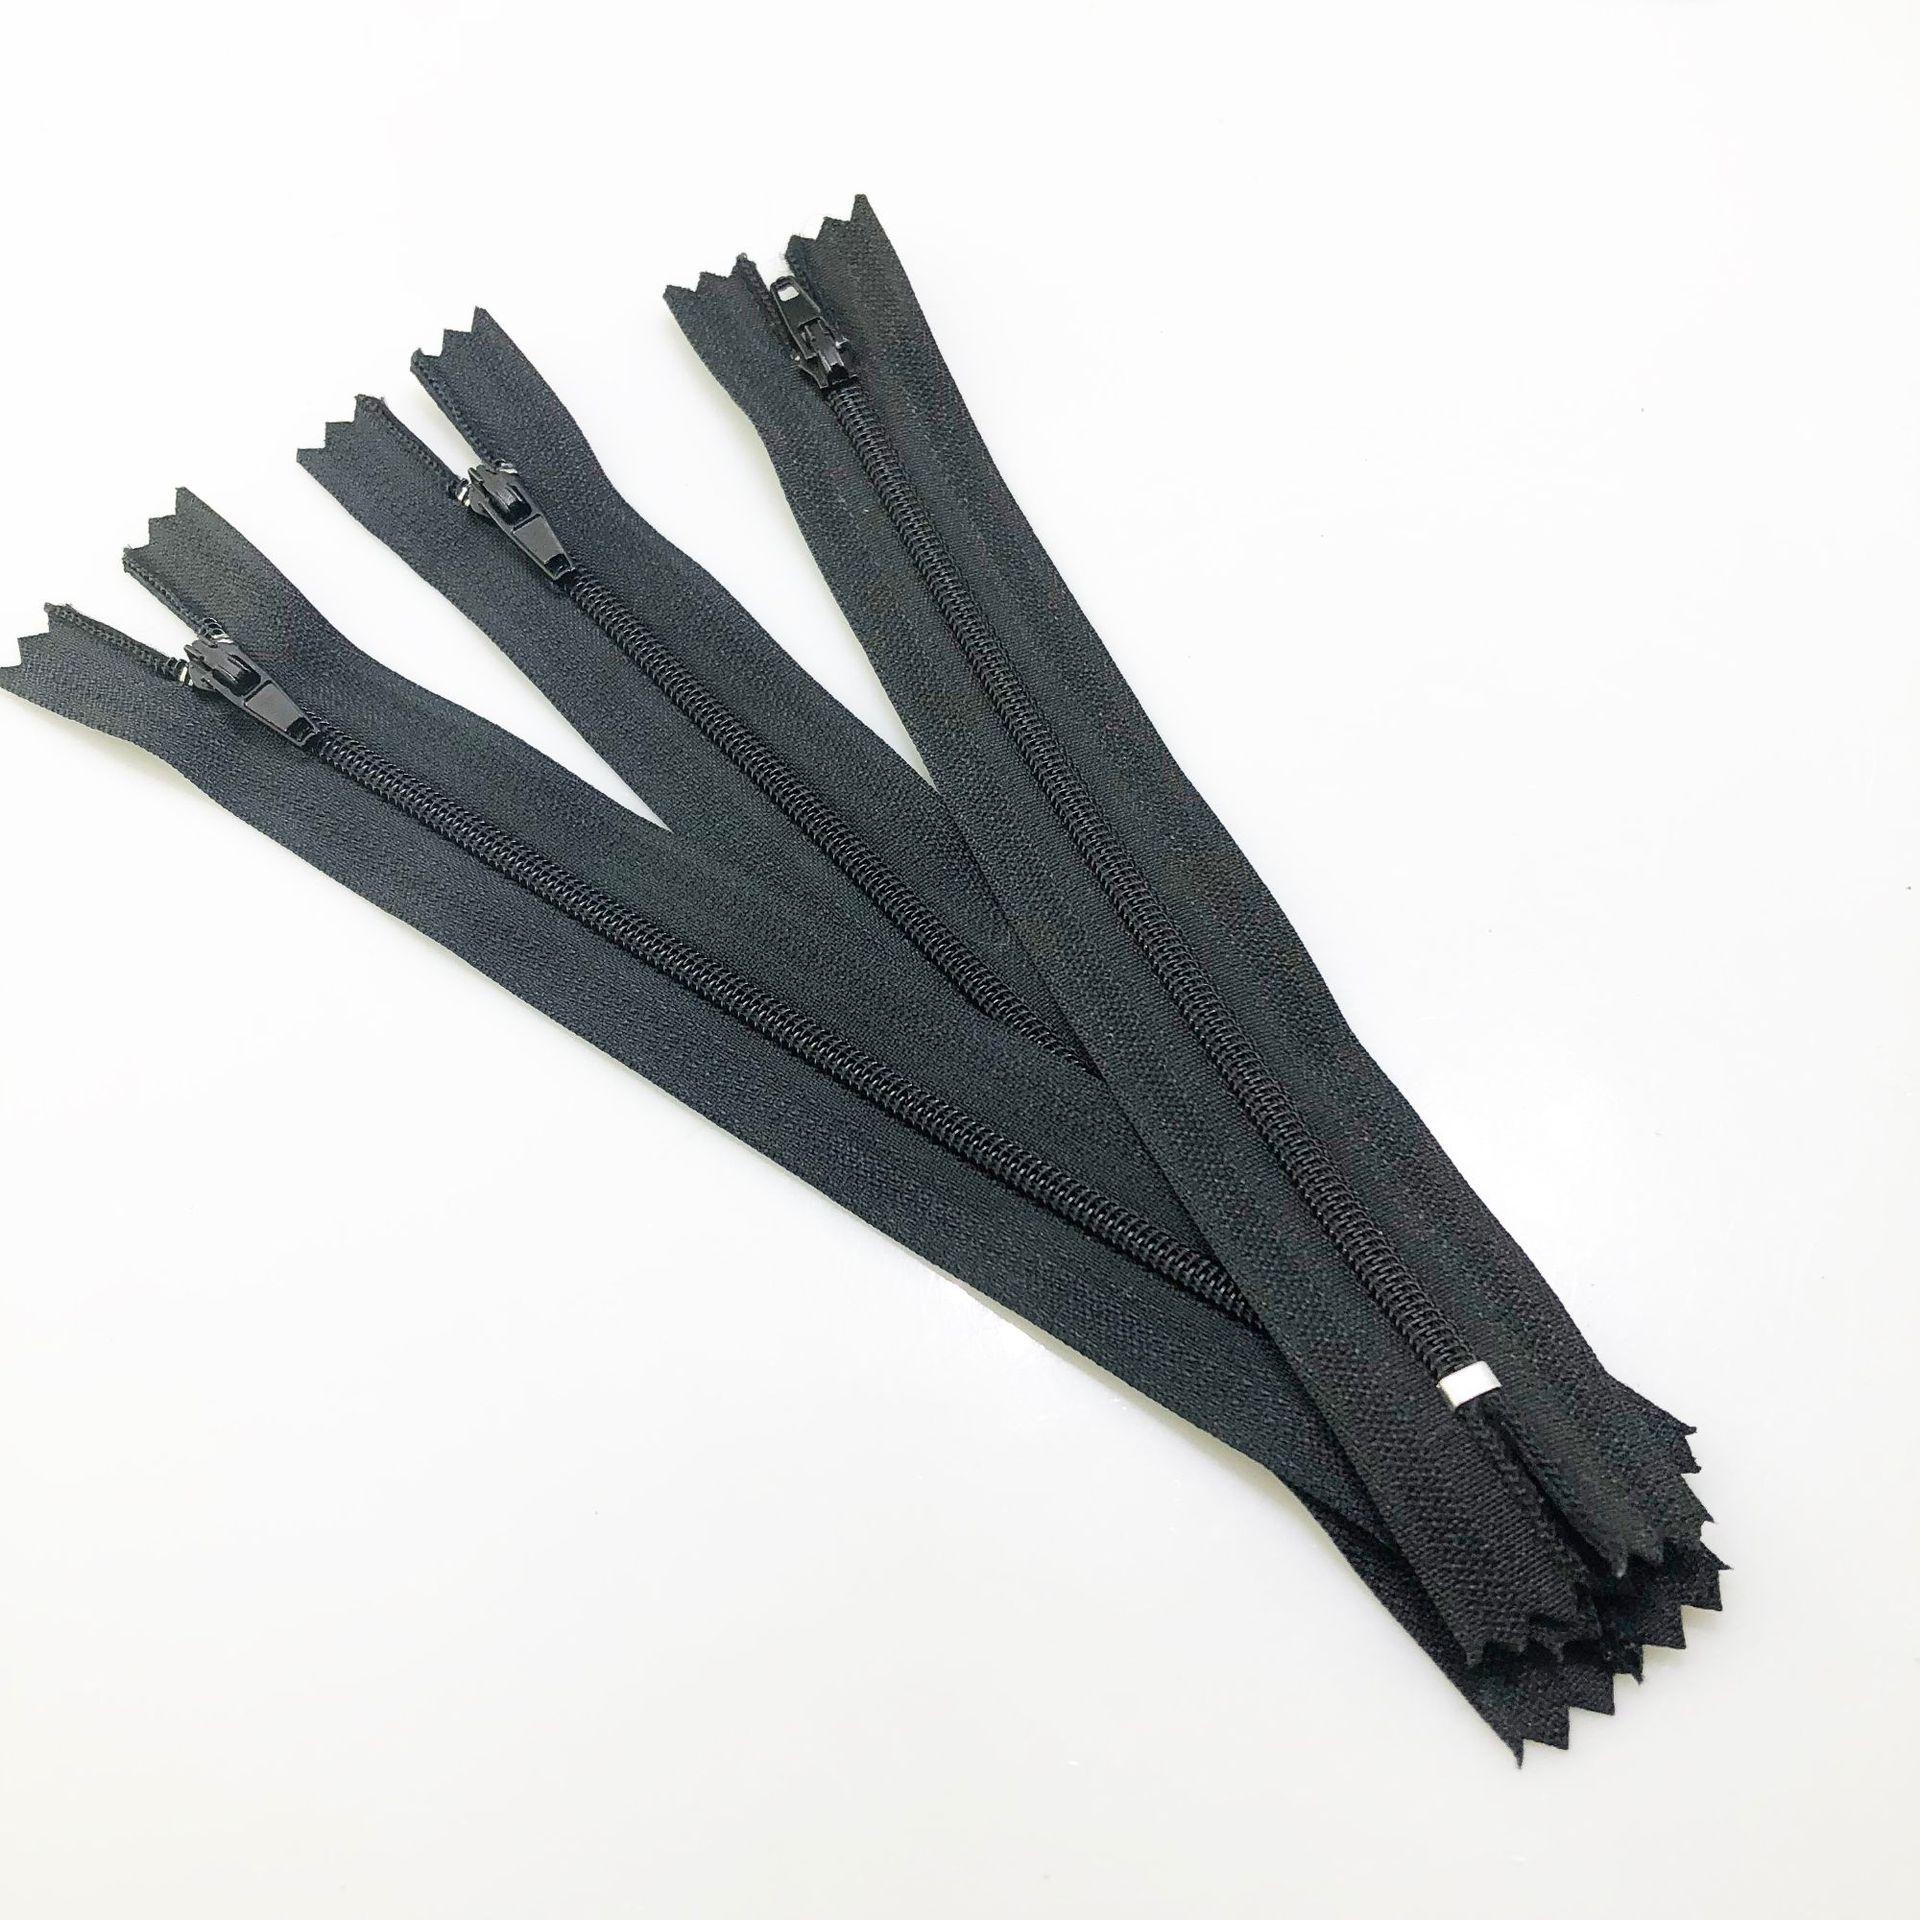 Dushun Dây kéo Nylon dây kéo 3 # đen đôi kim nylon dây kéo màu dài có thể được tùy chỉnh